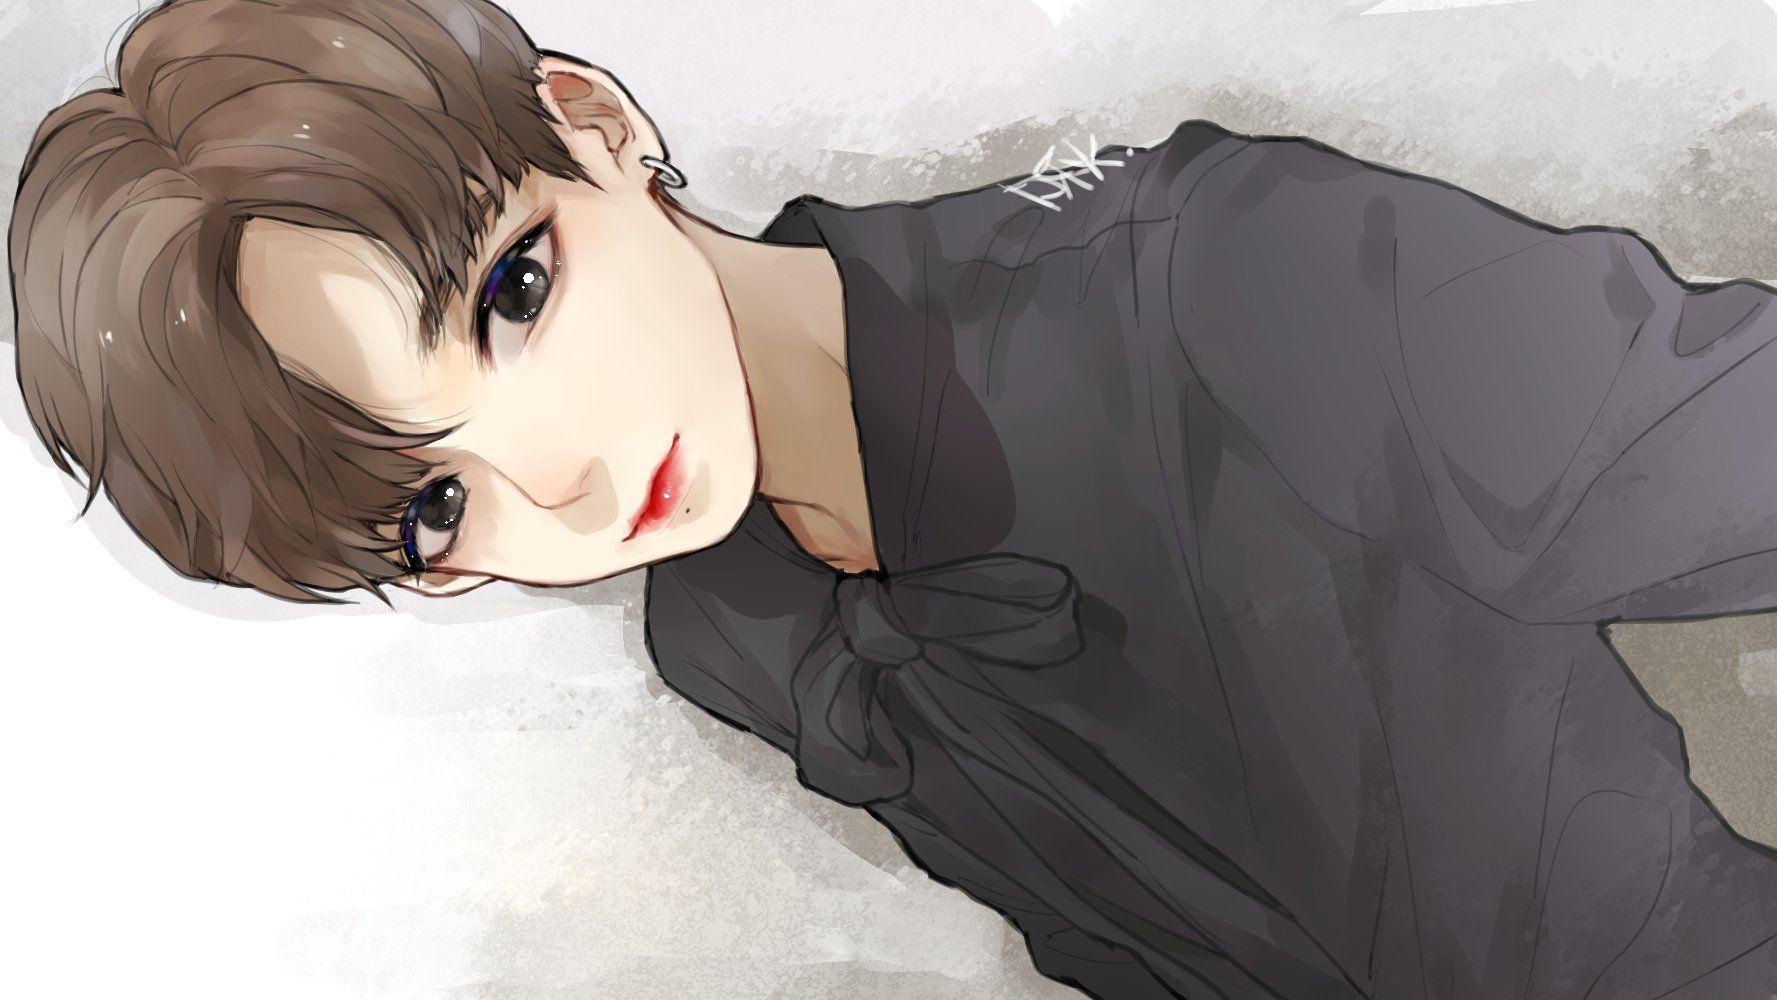 啾 on Bts drawings, Jungkook fanart, Vkook fanart